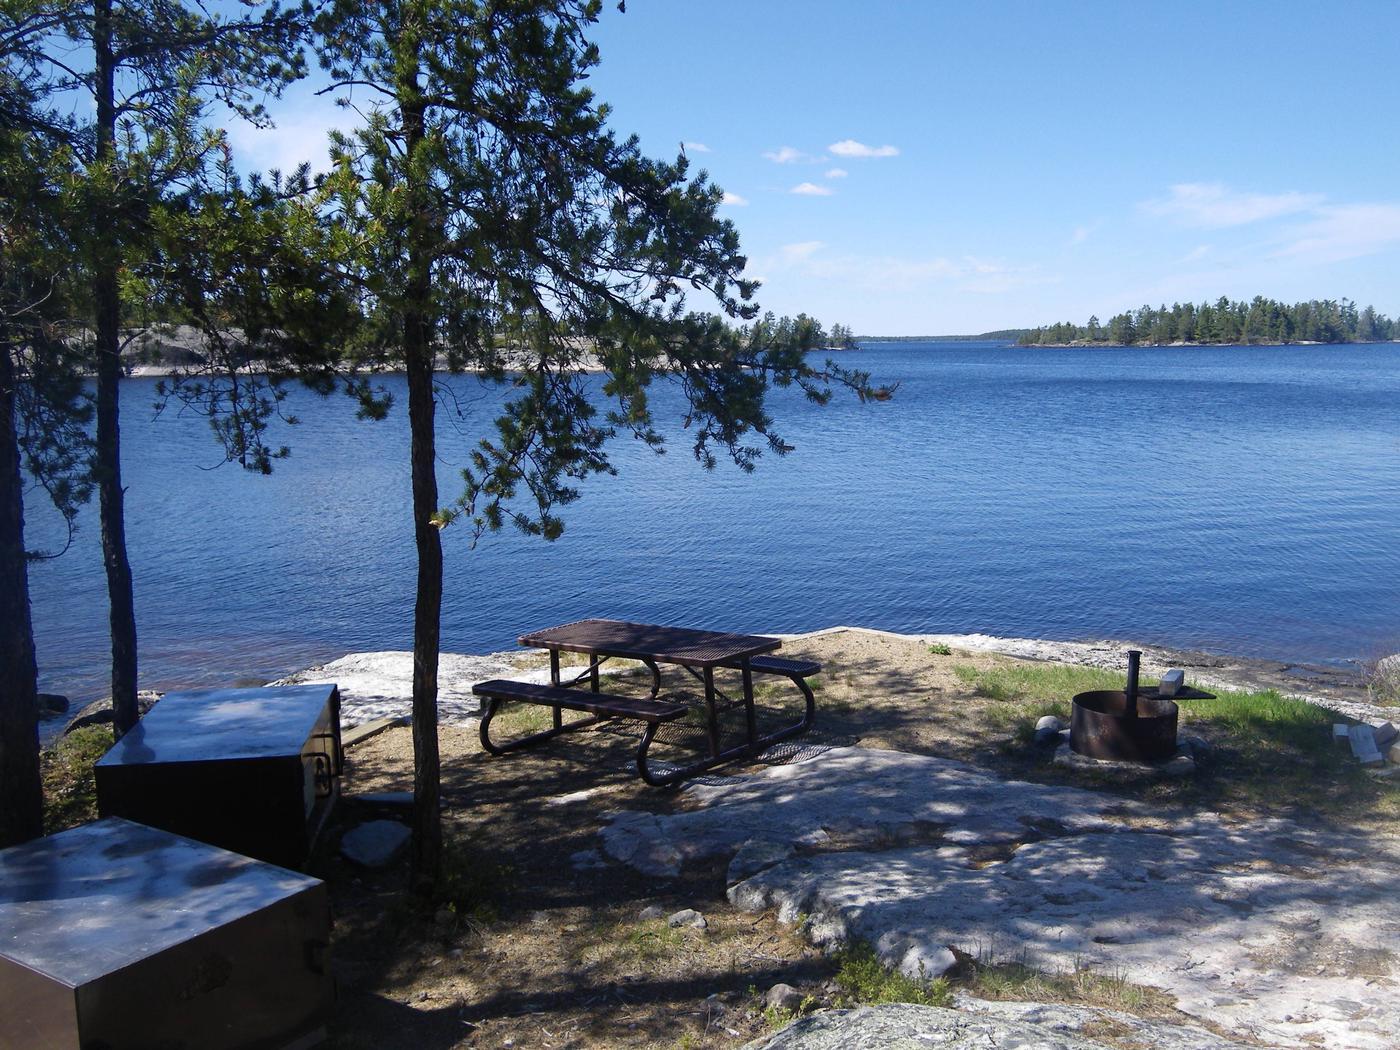 R90 - Anderson Bay WestR90 - Anderson Bay West campsite